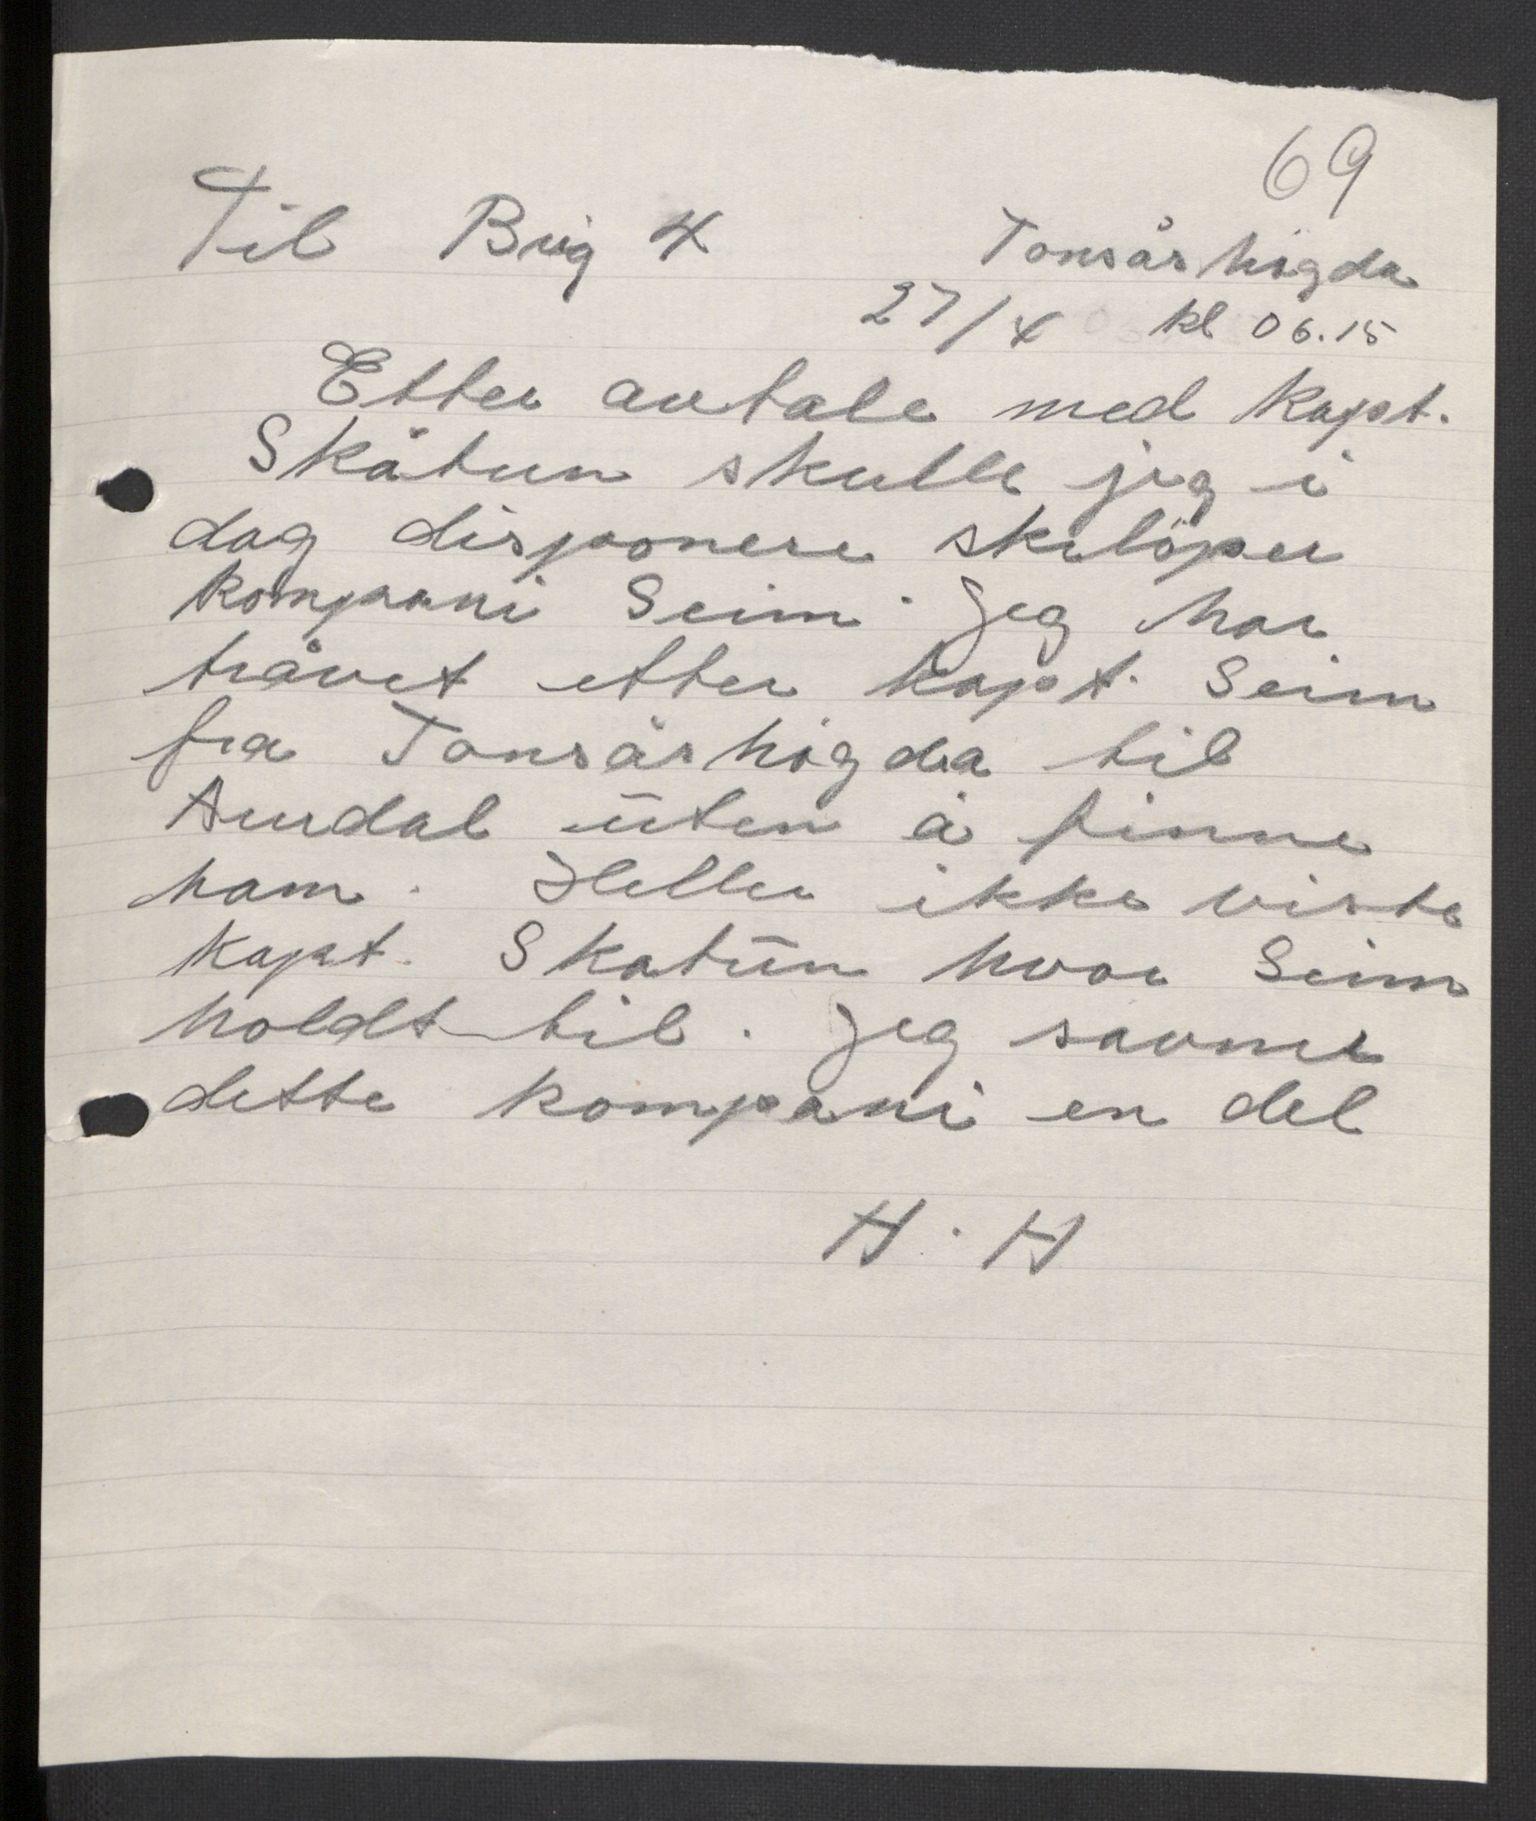 RA, Forsvaret, Forsvarets krigshistoriske avdeling, Y/Yb/L0104: II-C-11-430  -  4. Divisjon., 1940, s. 187